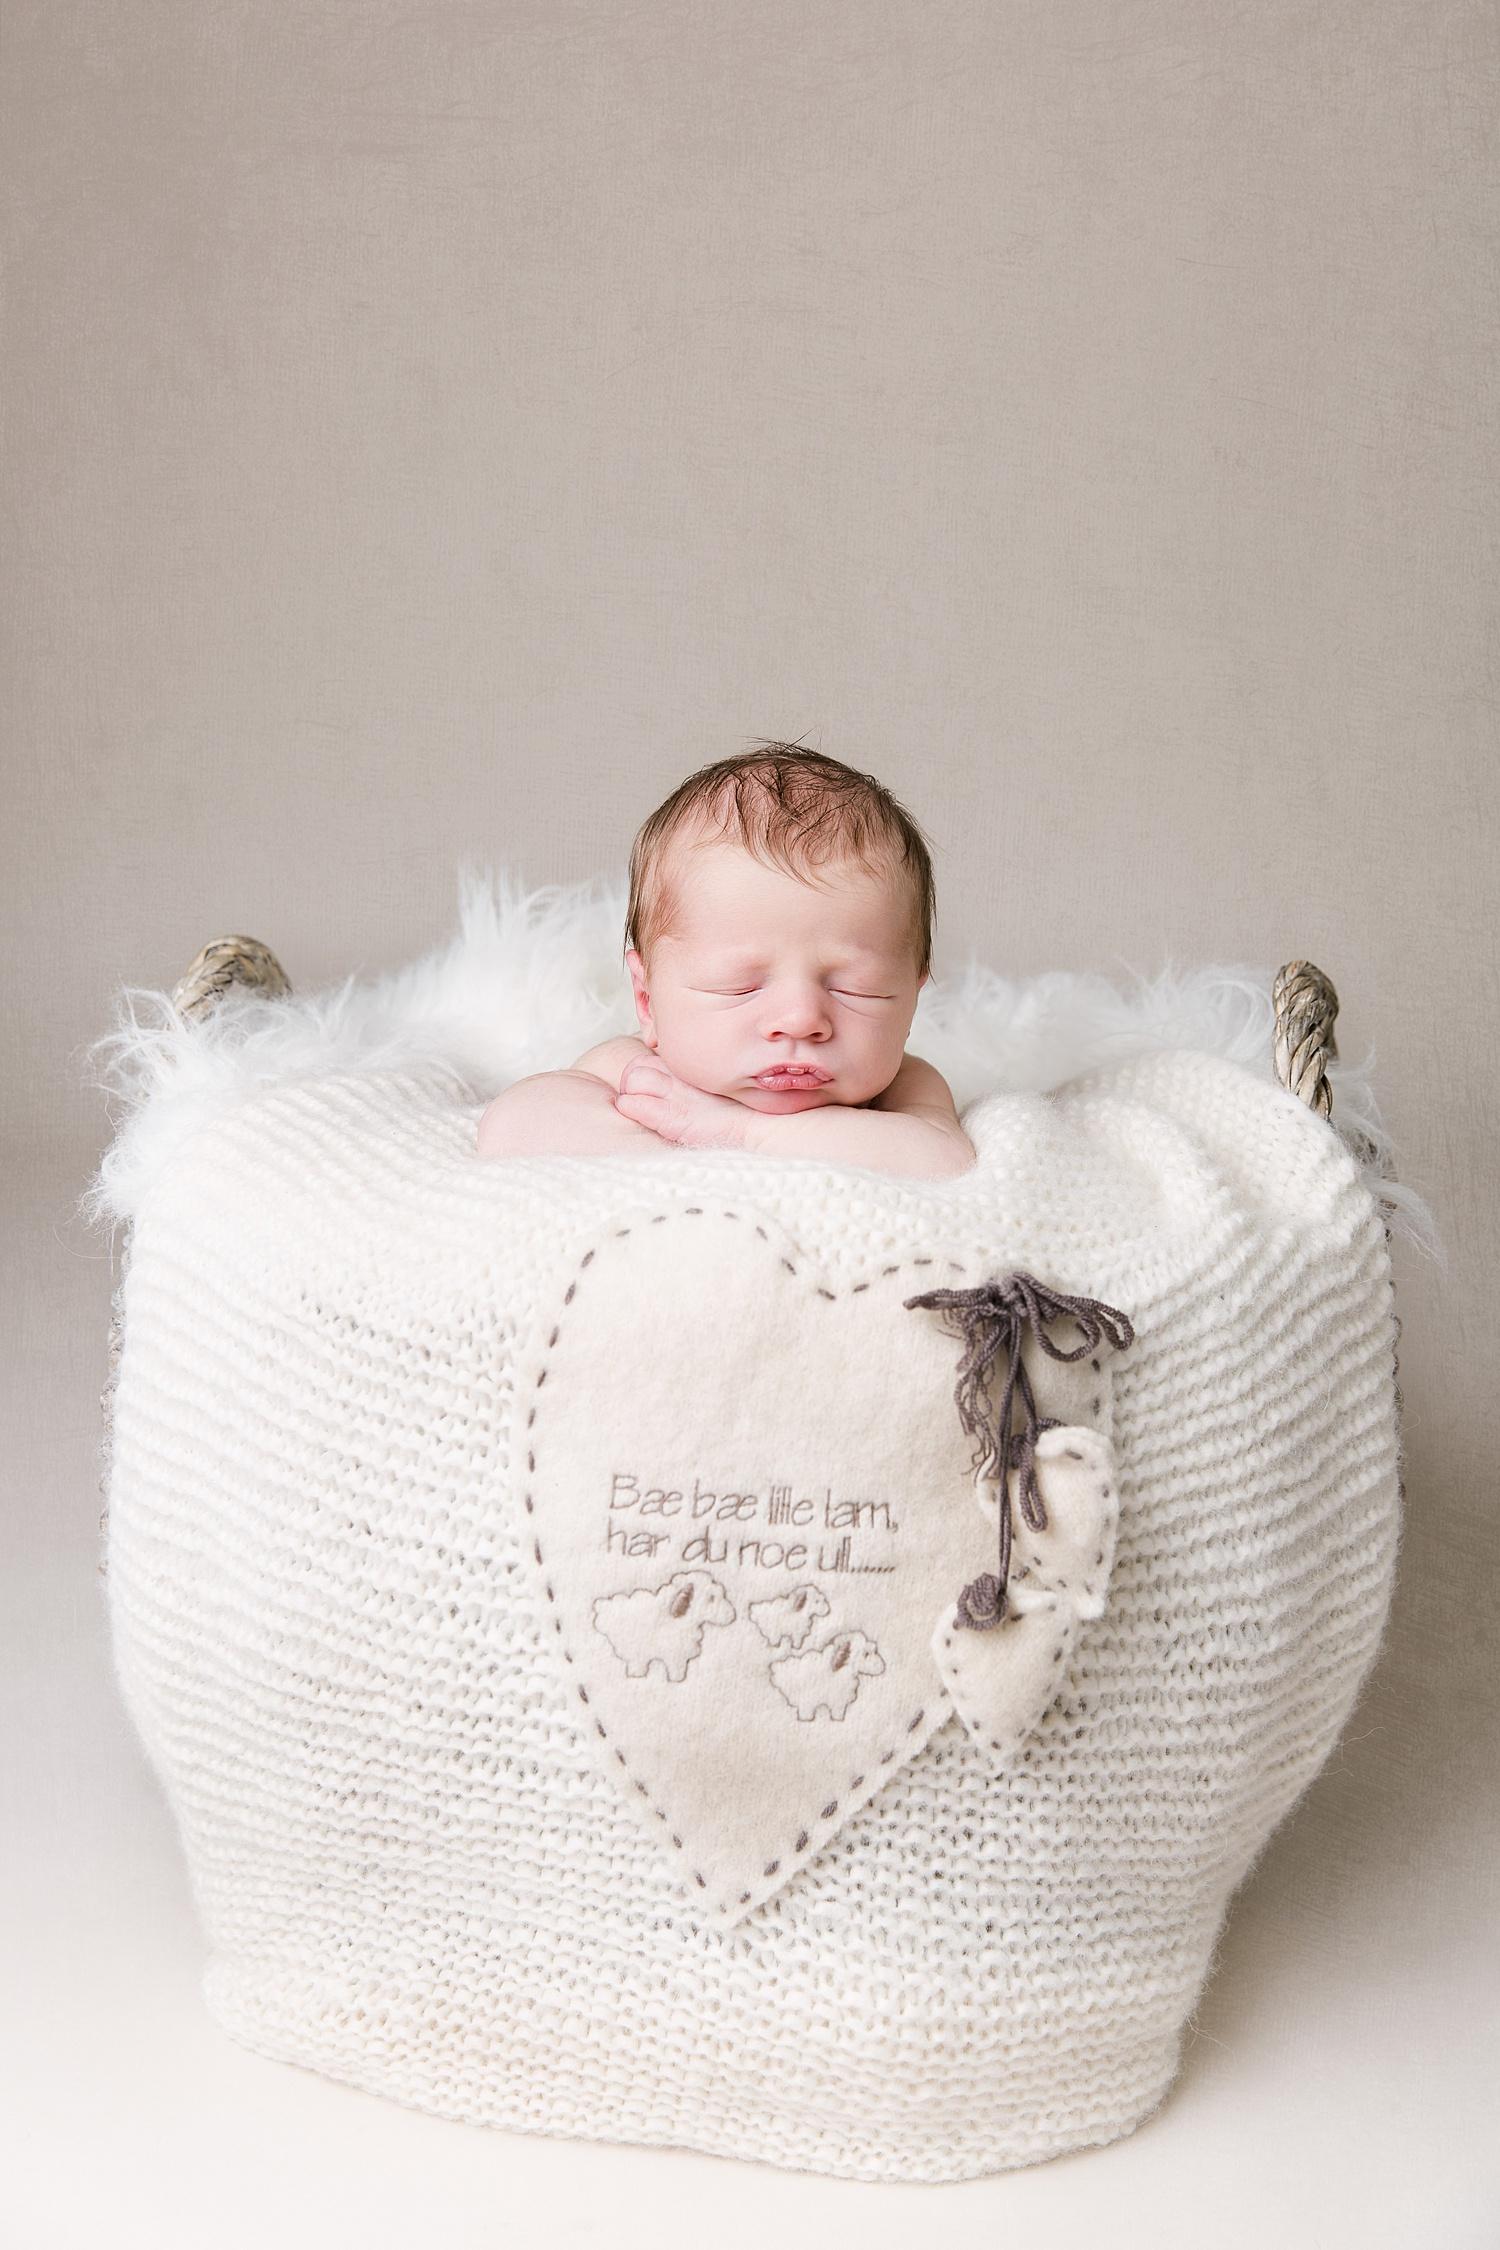 nyfødtfotografering_nyfødtfotograf_©Ann-sissel-holthe_Bildet får IKKE brukes av andre enn fotografen_fotograf_fatmonkey_bærumsverk__0389.jpg